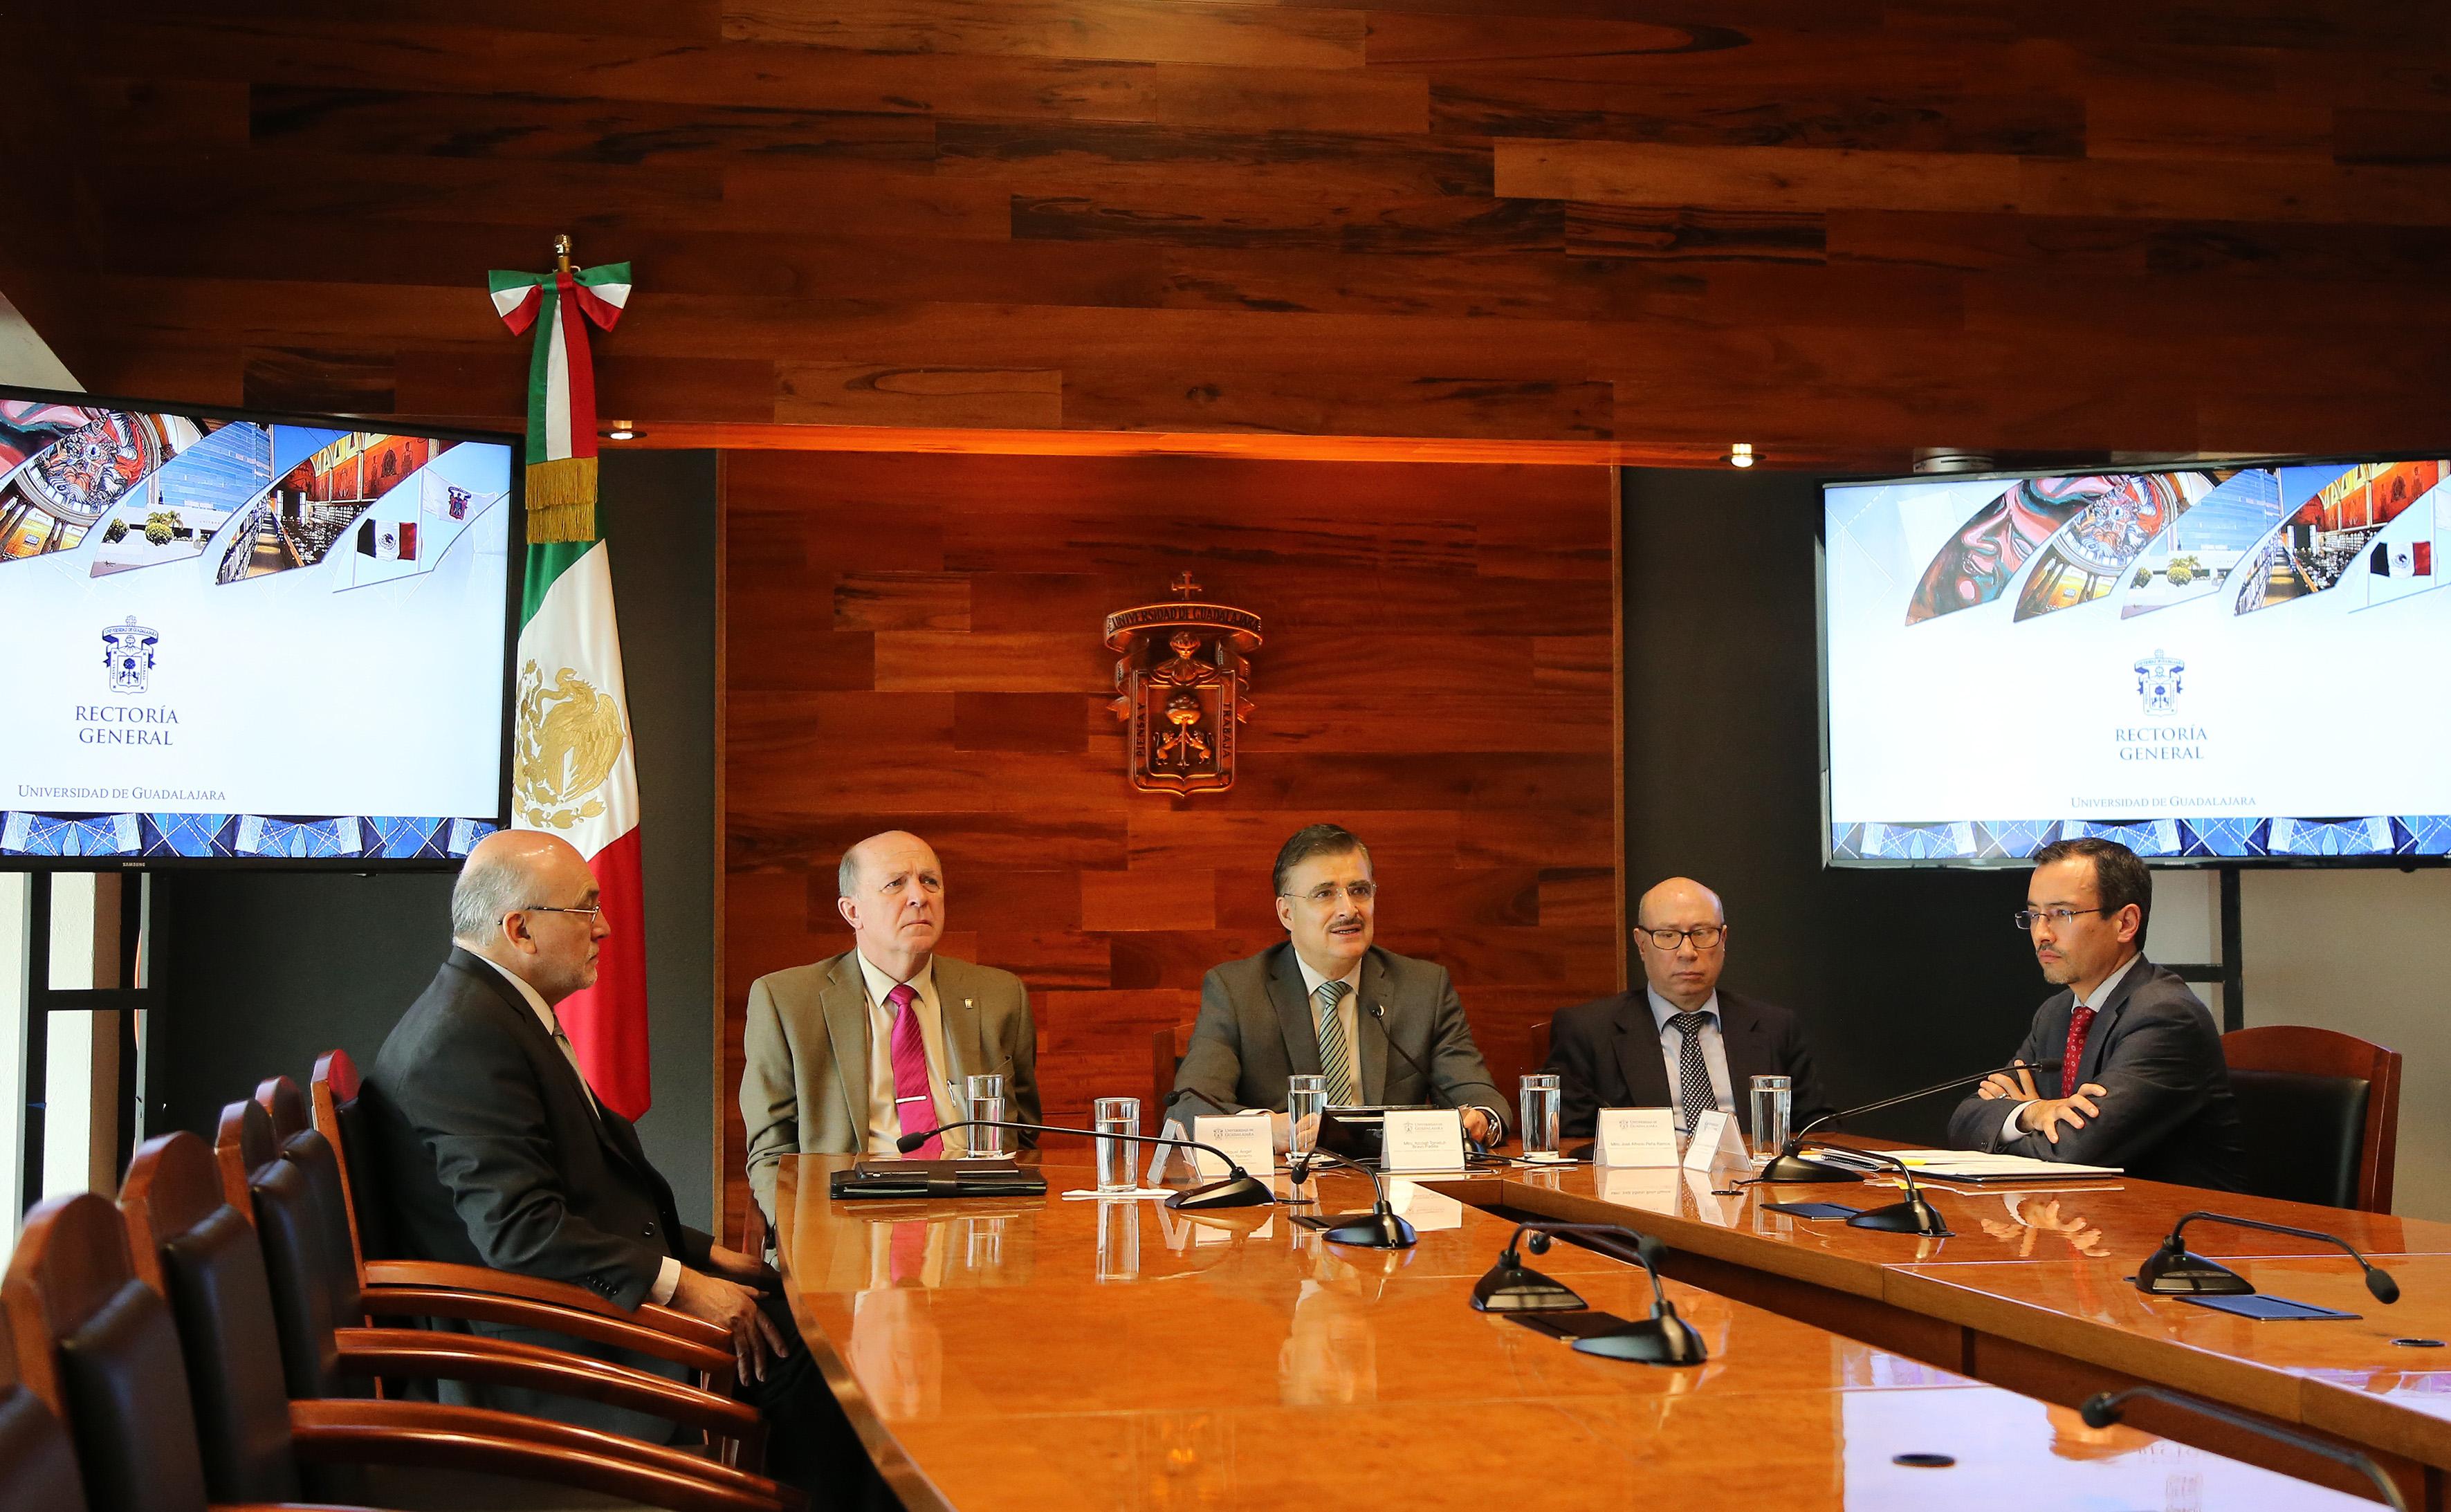 Rueda de prensa, sostenida por las máximas autoridades de la Universidad de Guadalajara para dar a conocer las acciones y avances que impulsa la institución para atender la posible deportación de los dreamers.